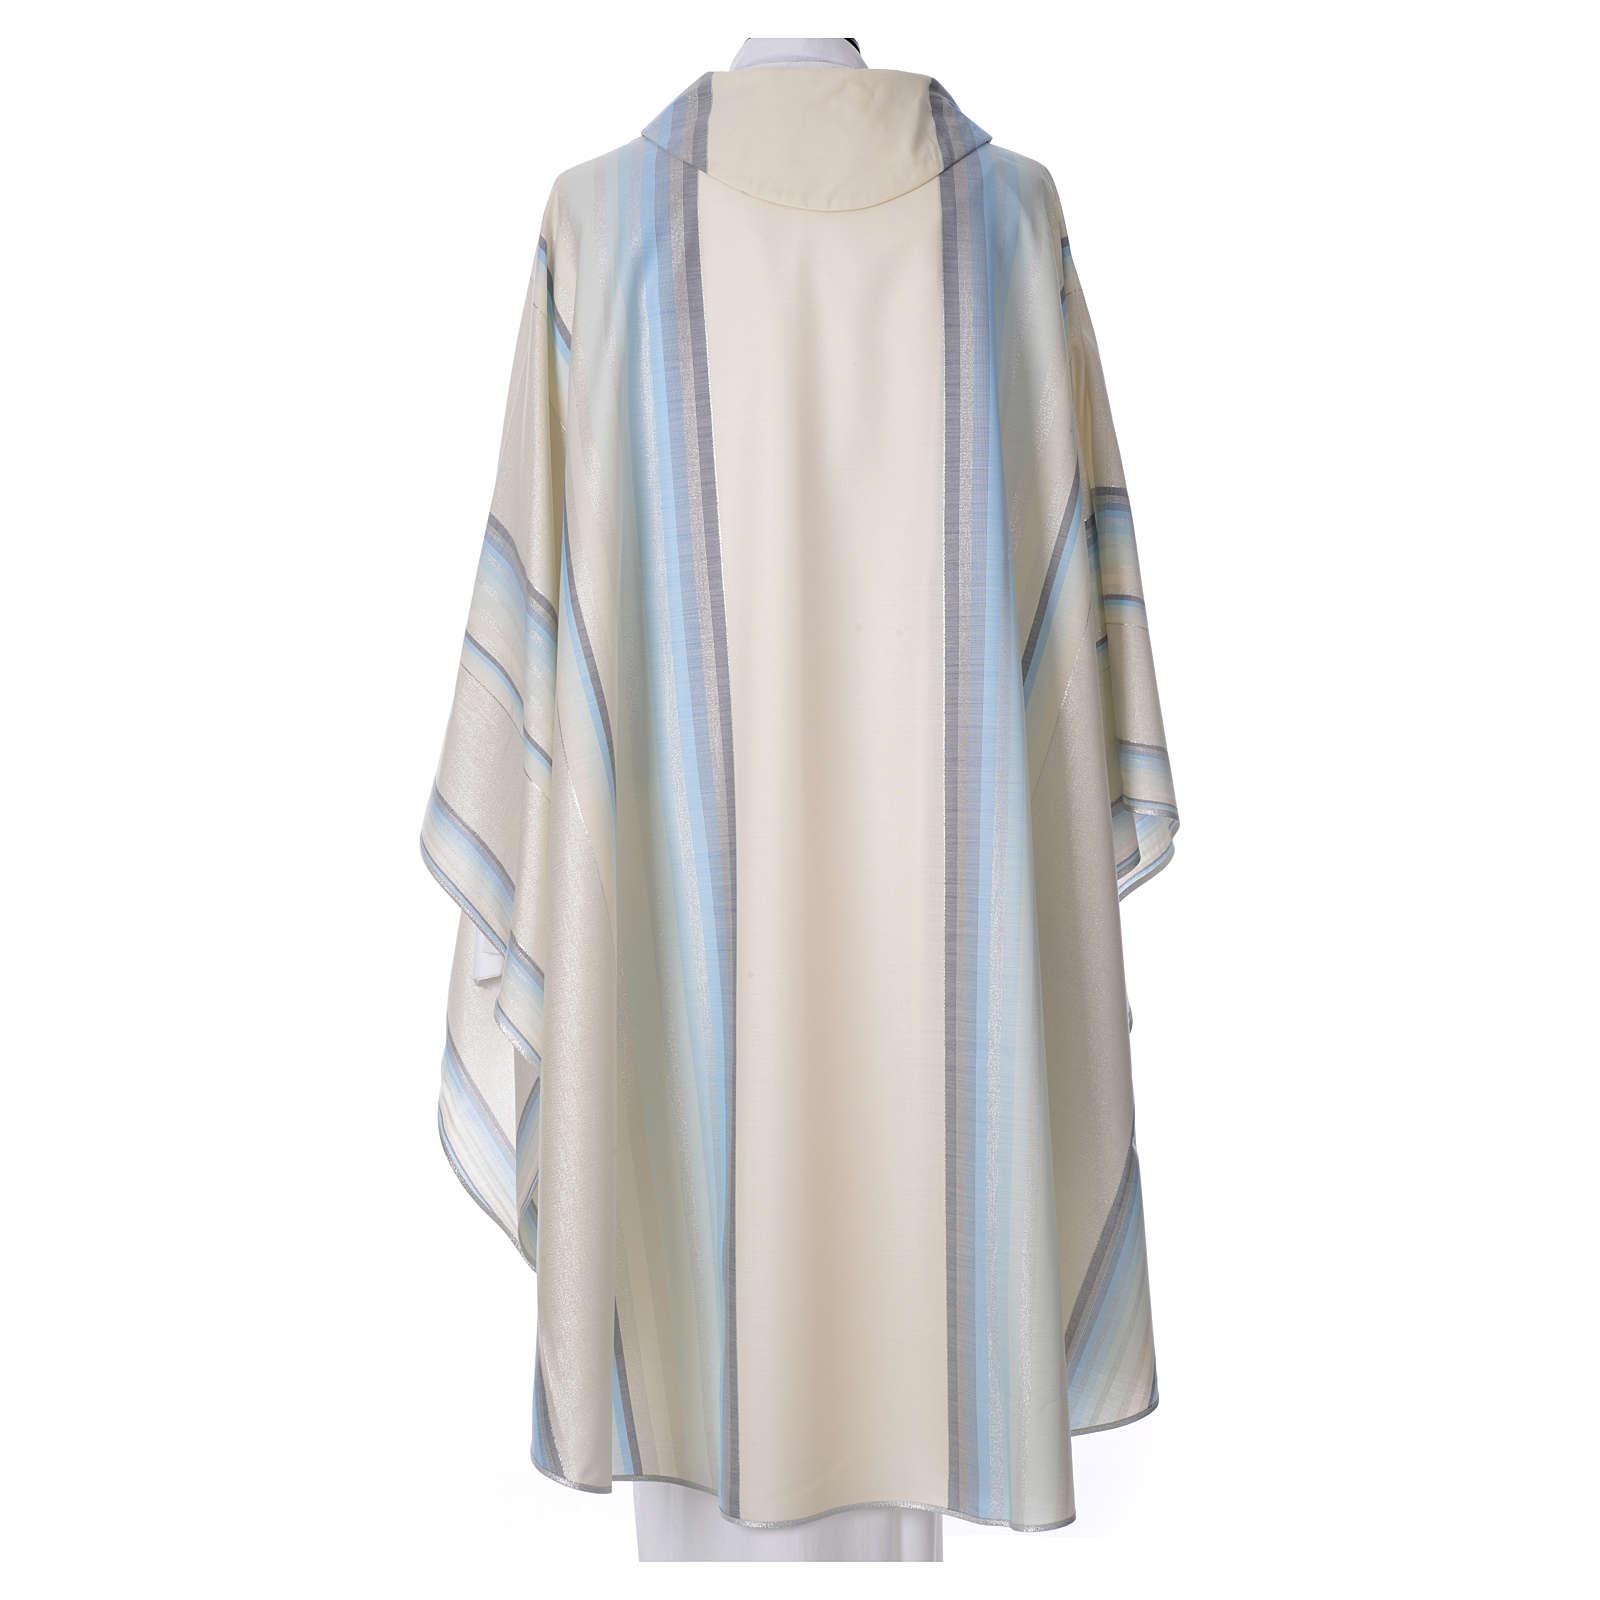 Casula azzurra 100% pura lana verg. con doppio ritorto Tasmania 4